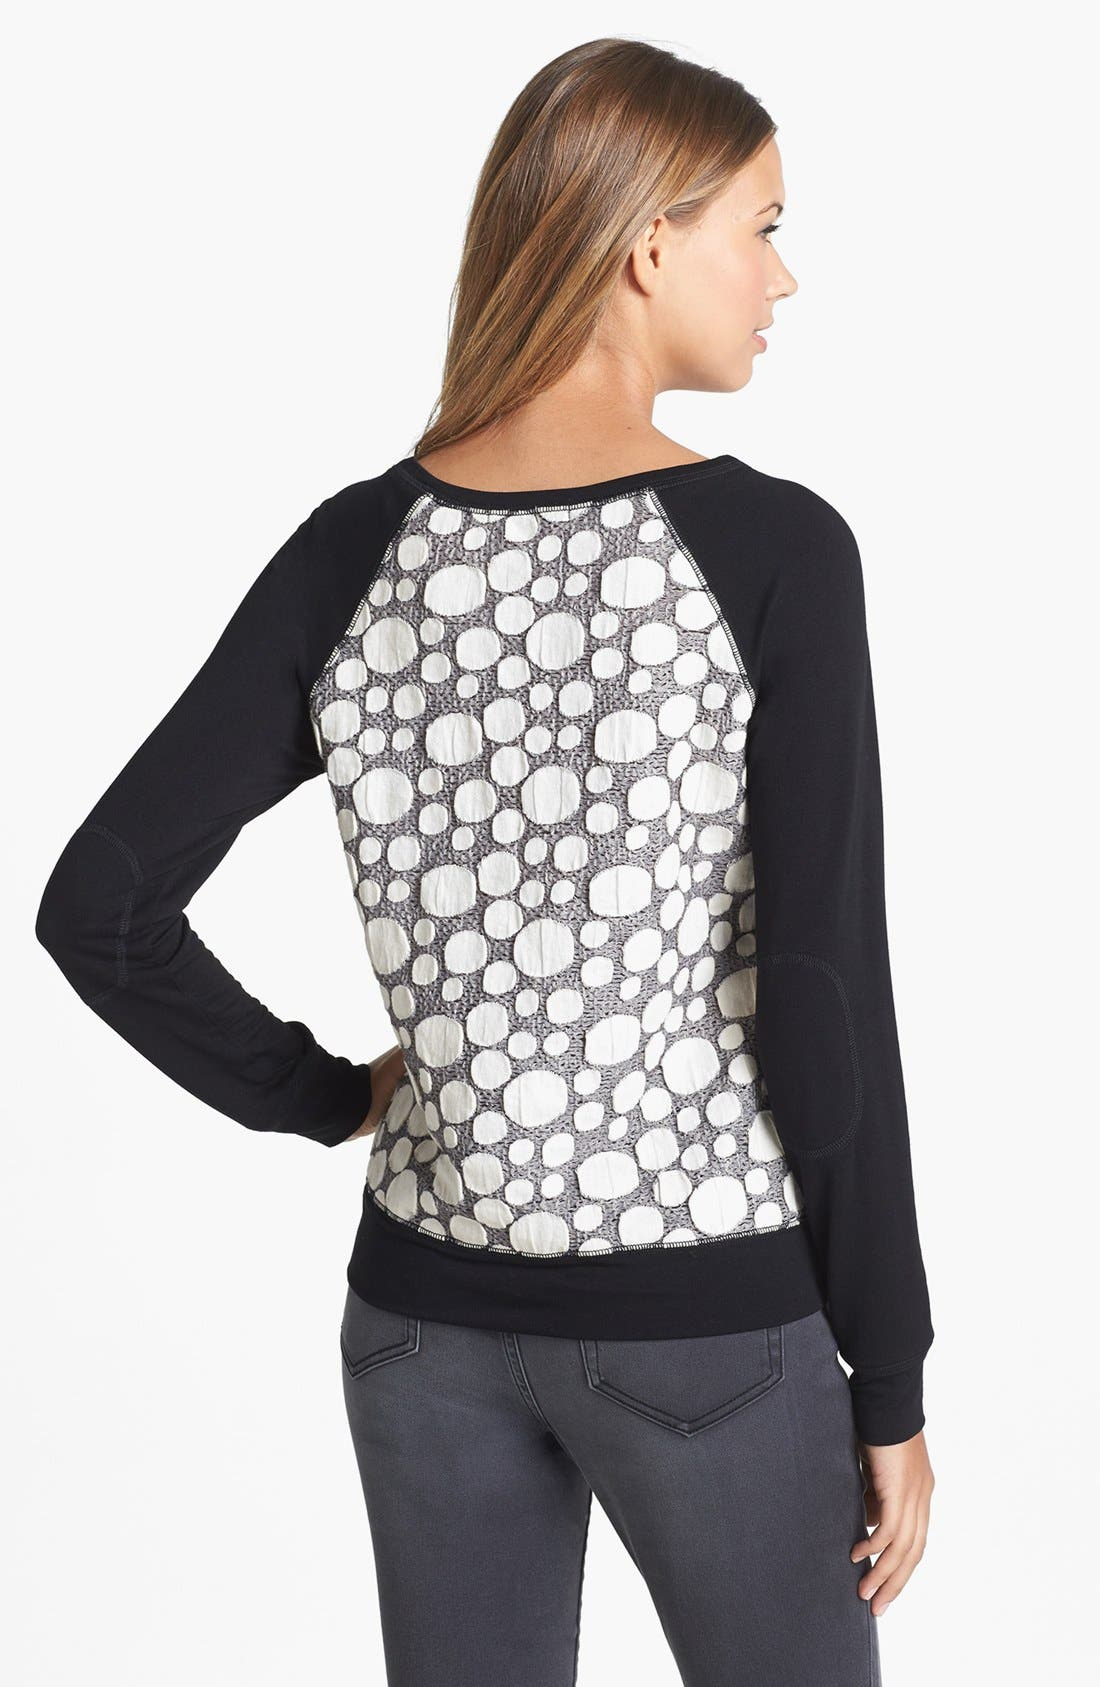 OLIVIA MOON, Textured Sweatshirt, Alternate thumbnail 3, color, 031